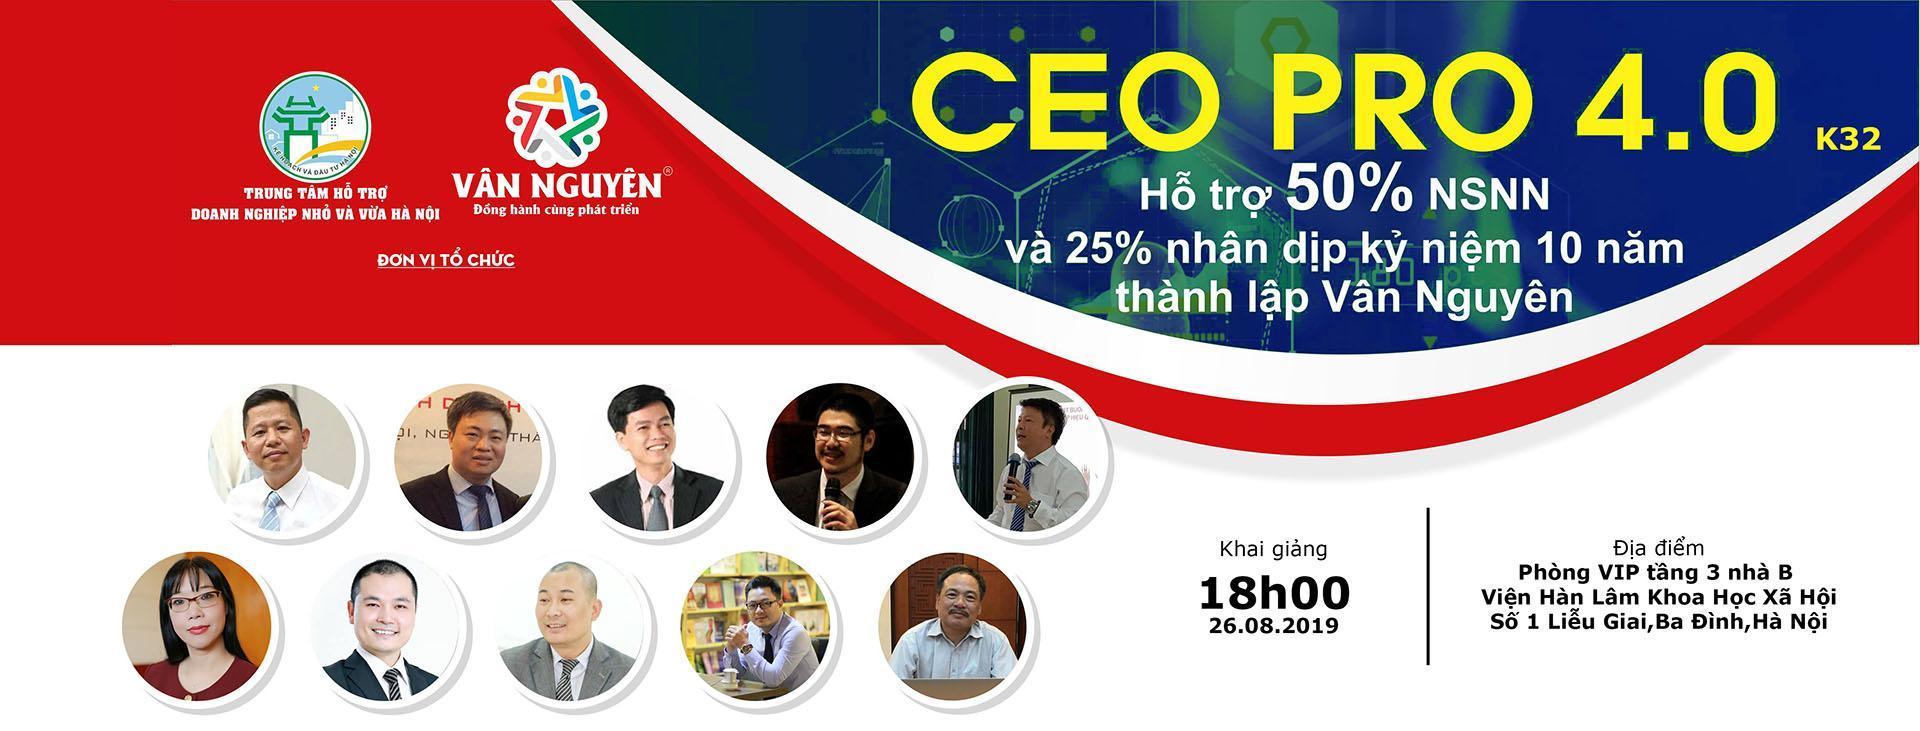 CEO PRO 4.0 – K32